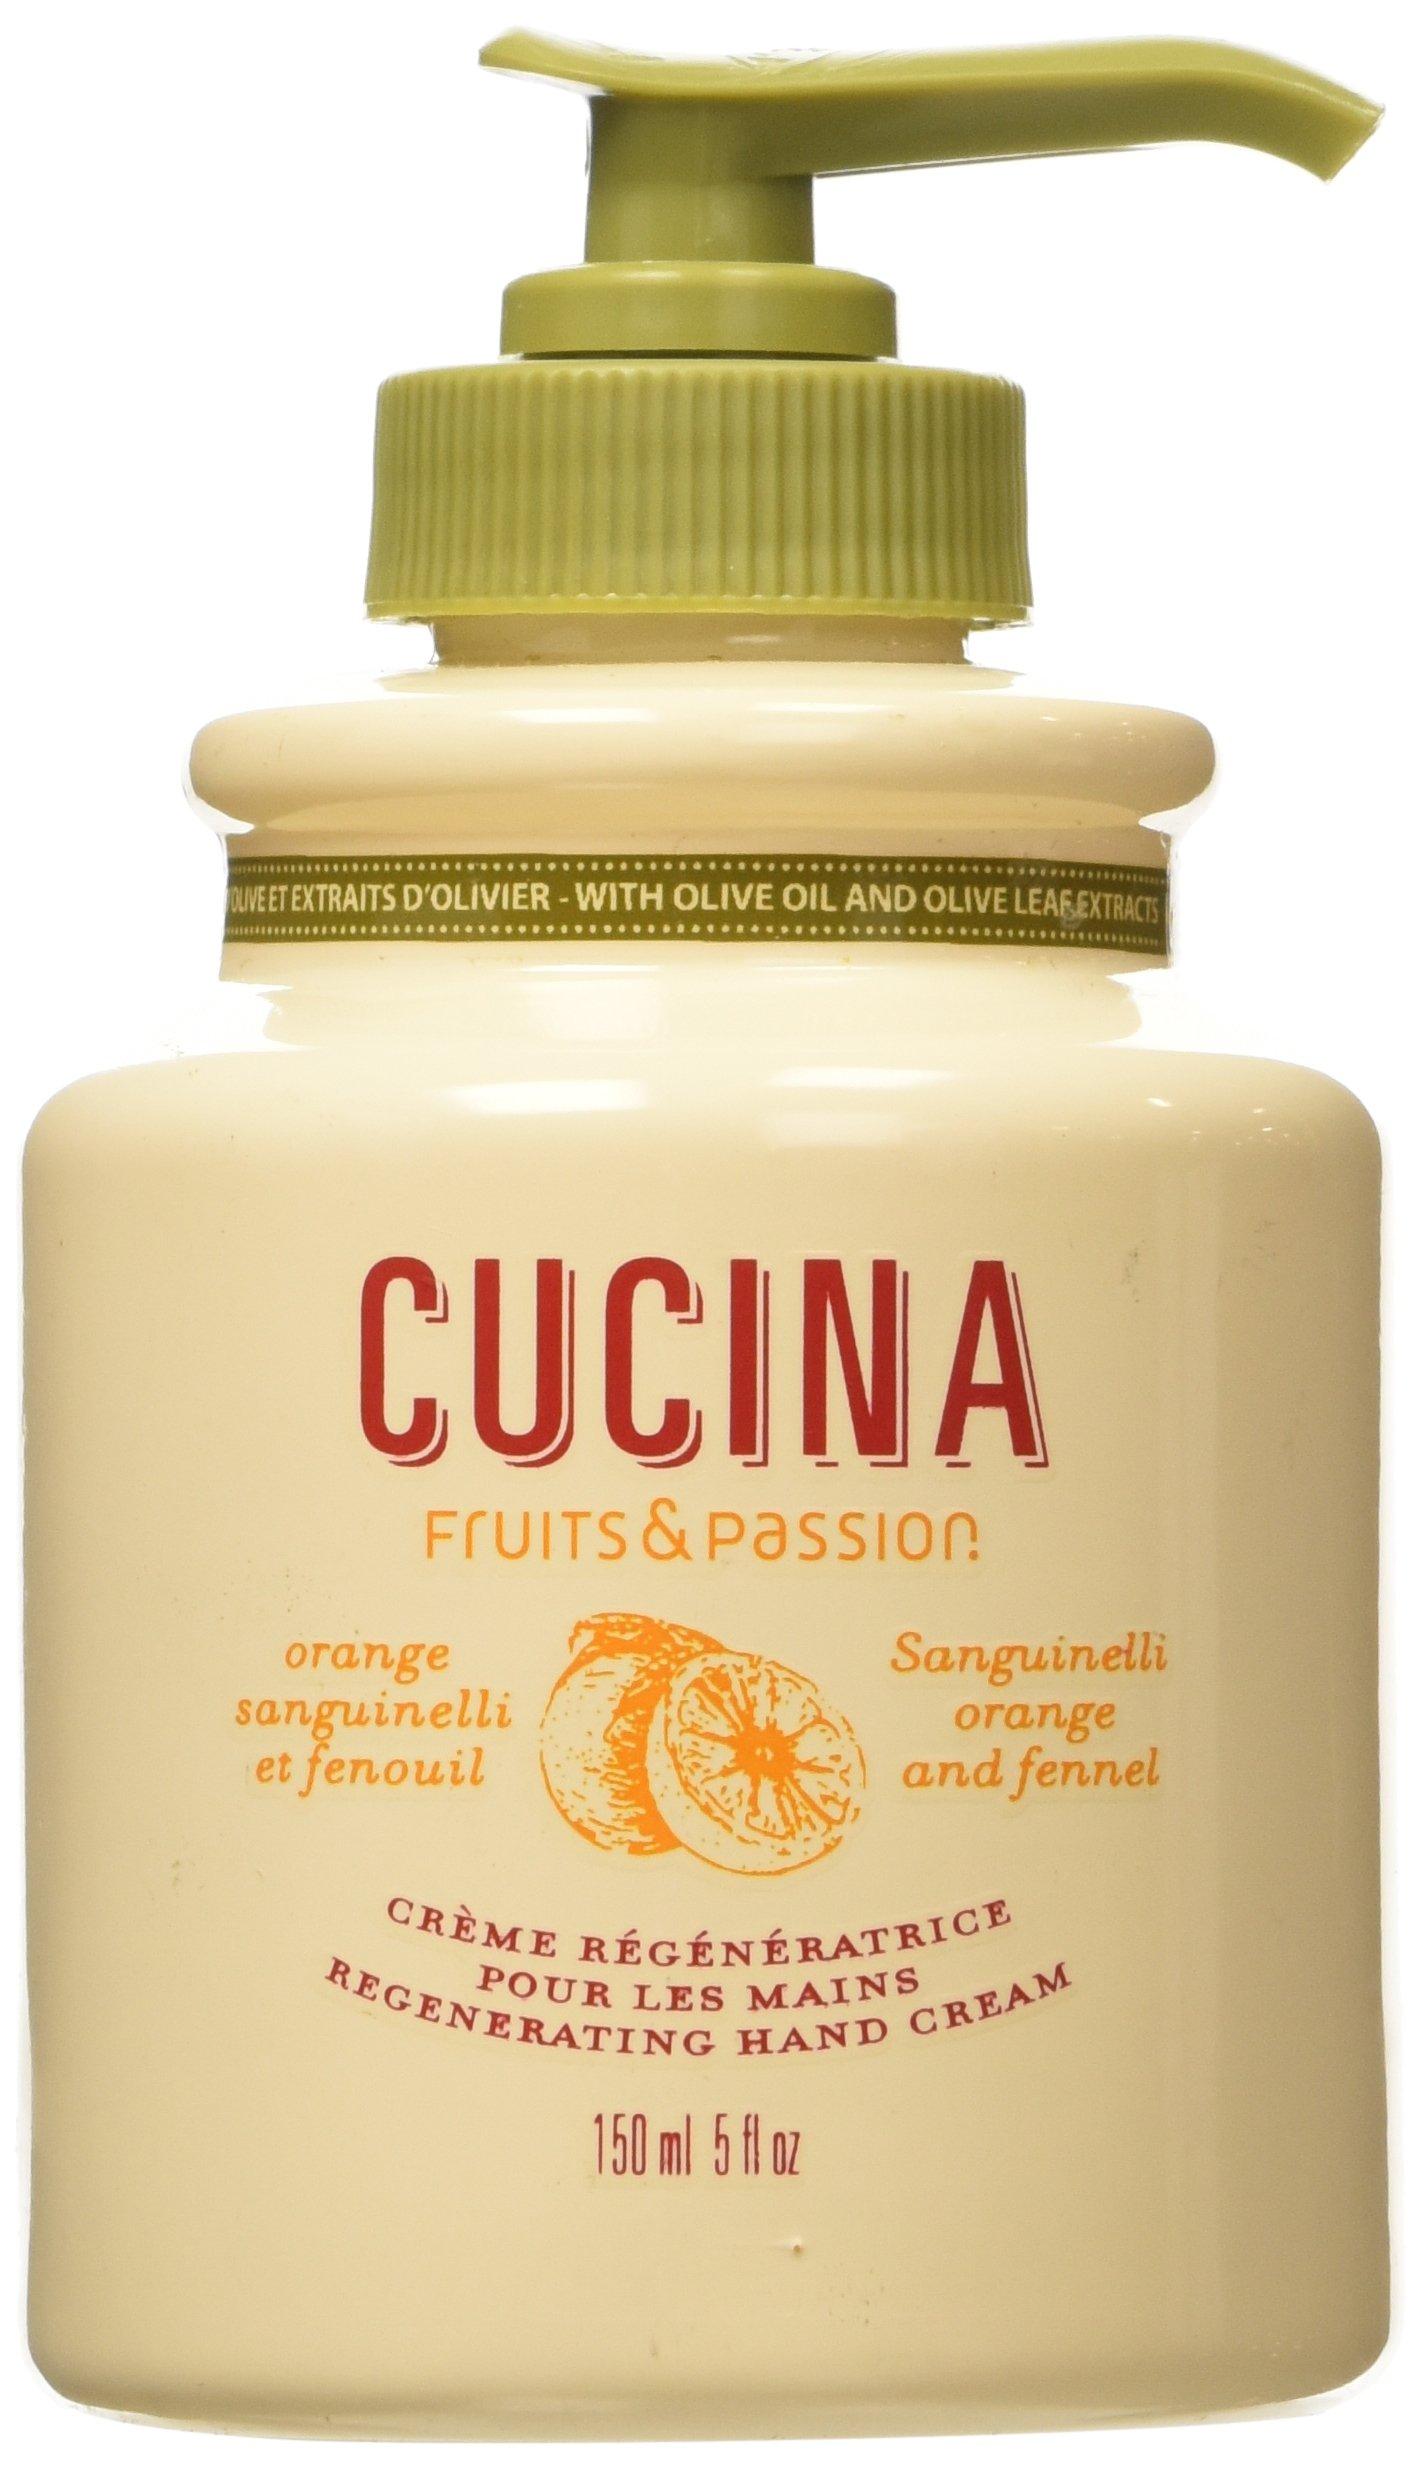 Fruits & Passion Cucina Regenerating Hand Cream Sanguinelli Orange & Fennel 5 oz